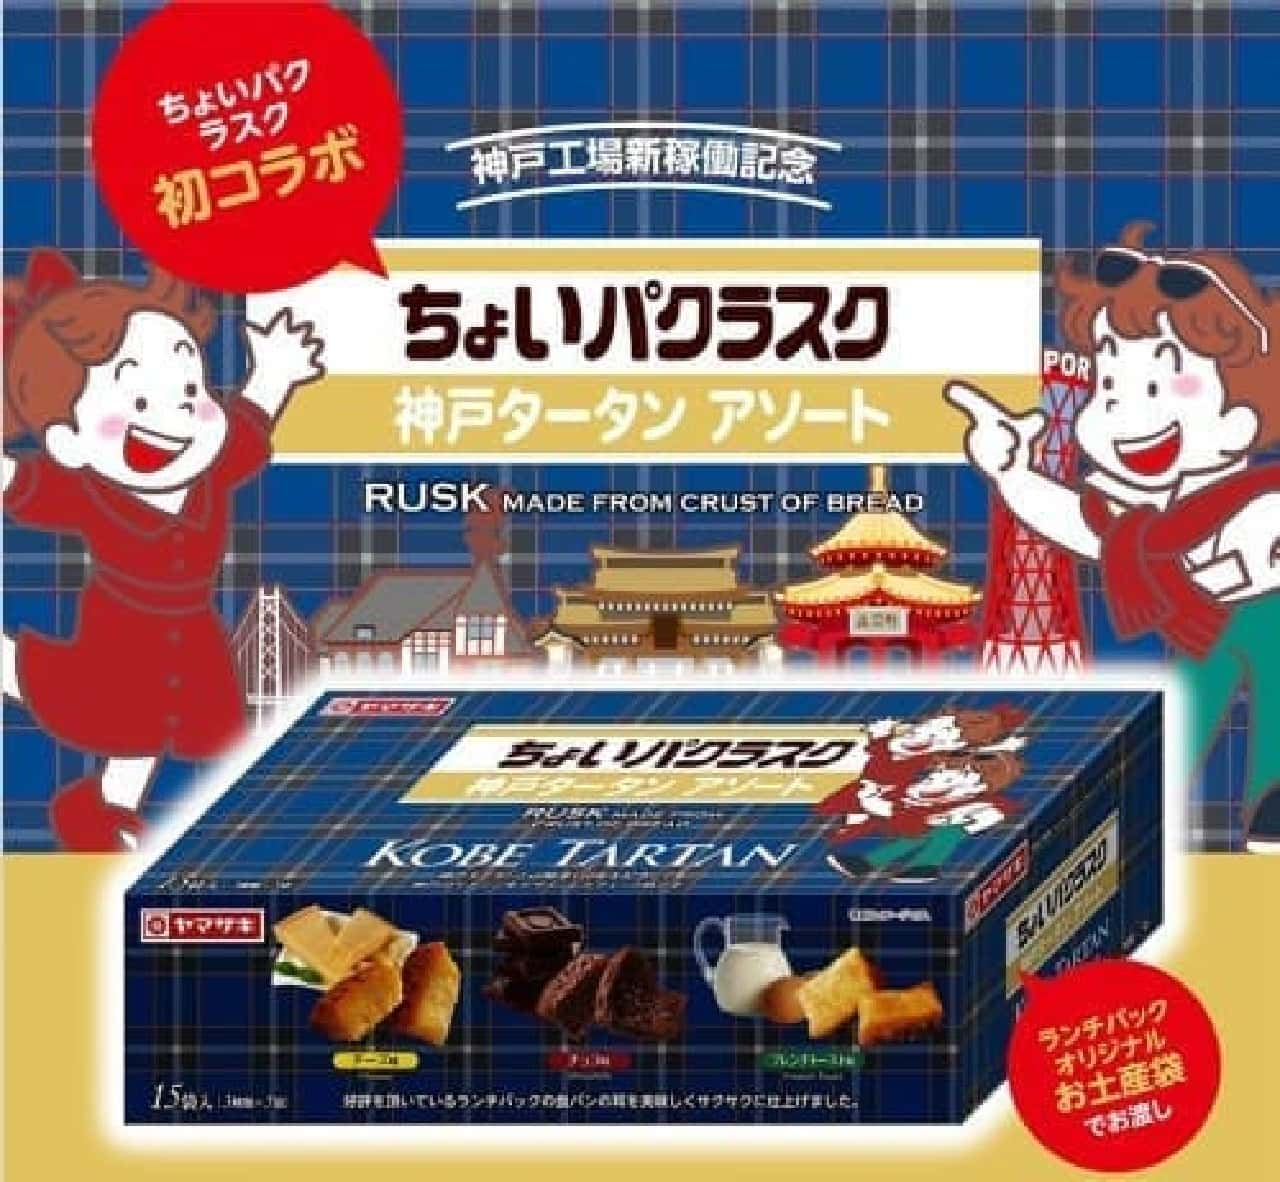 ヤマザキ「神戸タータンアソート」